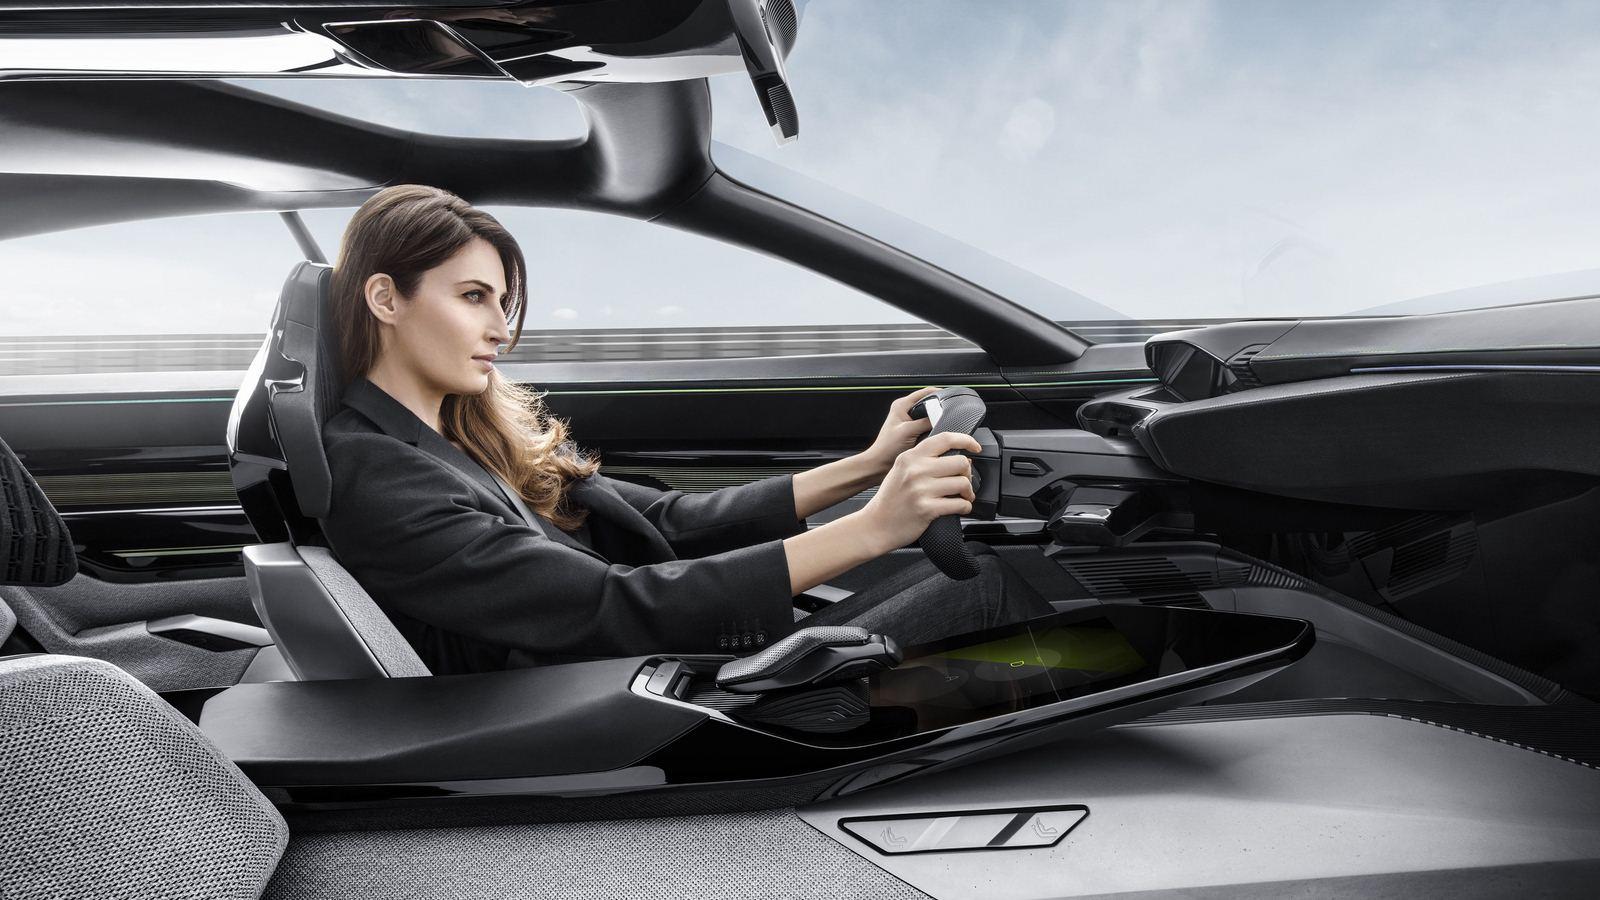 2017-Peugeot-Instinct-Concept-Interior-05